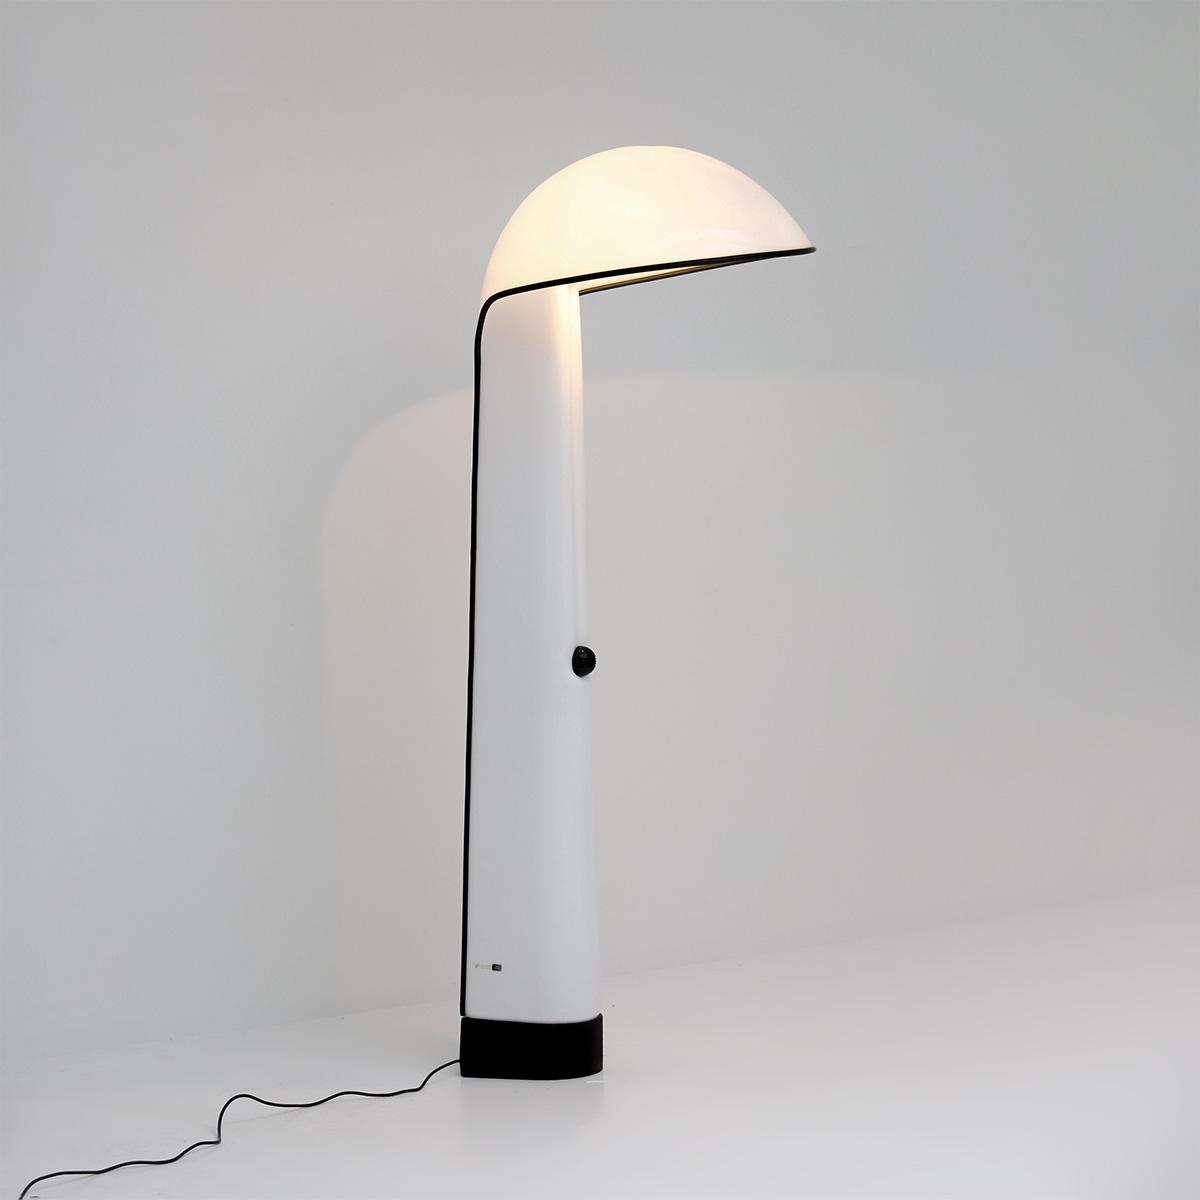 Alba floor lamp by Sergio Brazzoli and Ermanno Lampa for Harvey Guzzini 1973